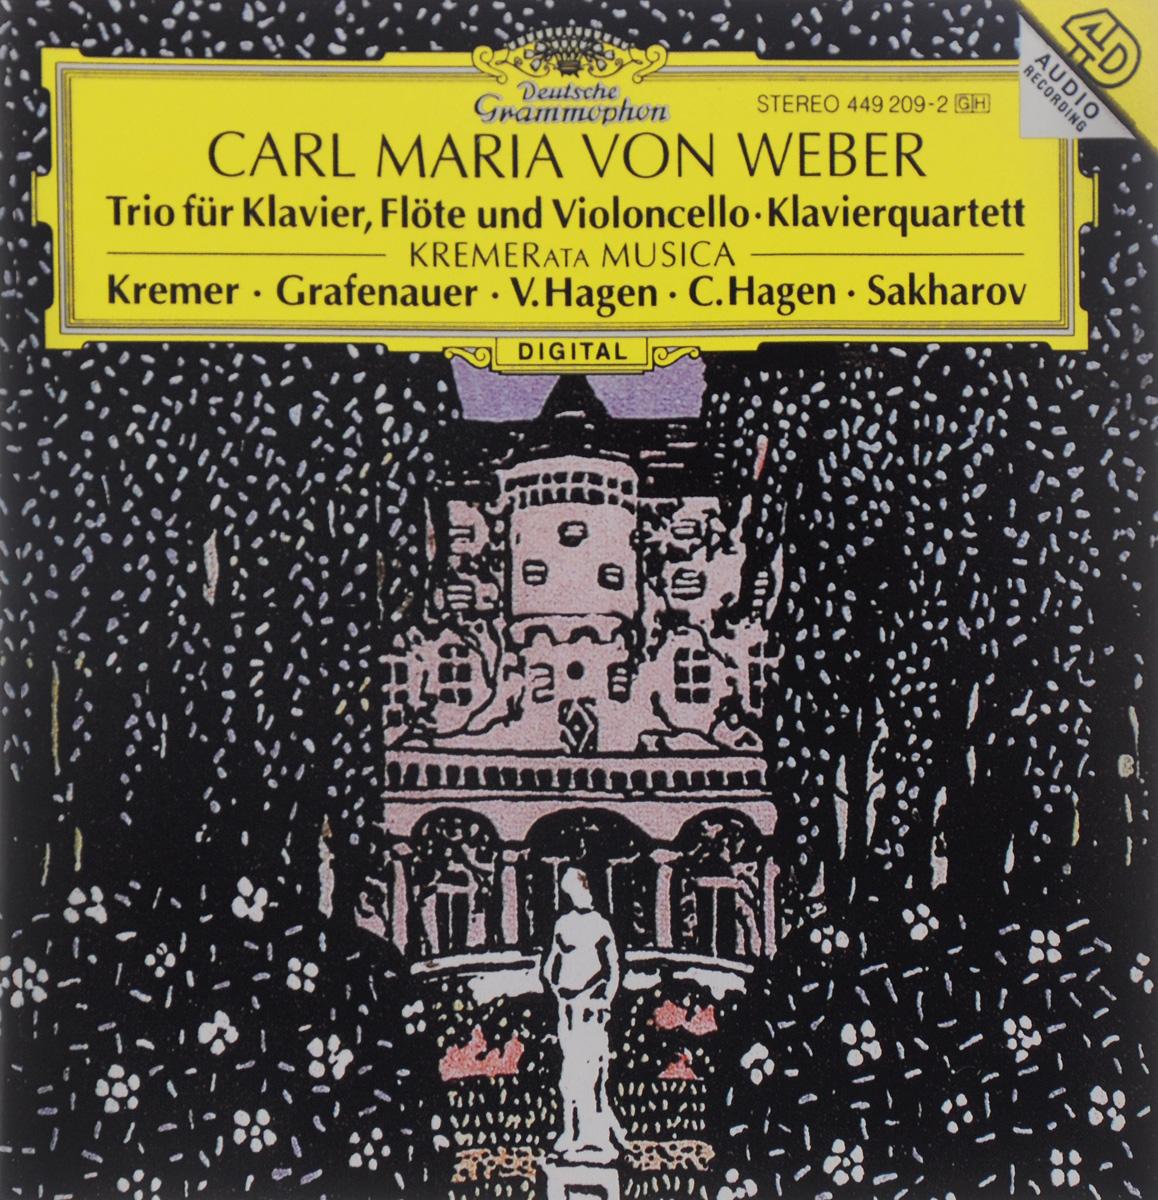 Kremerata Musica Carl Maria Von Weber. Trio Fur Klavier, Flote Und Violoncello / Klavierquartett хуго вольф 3 gedichte von michelangelo fur eine ba stimme und klavier von hugo wolf